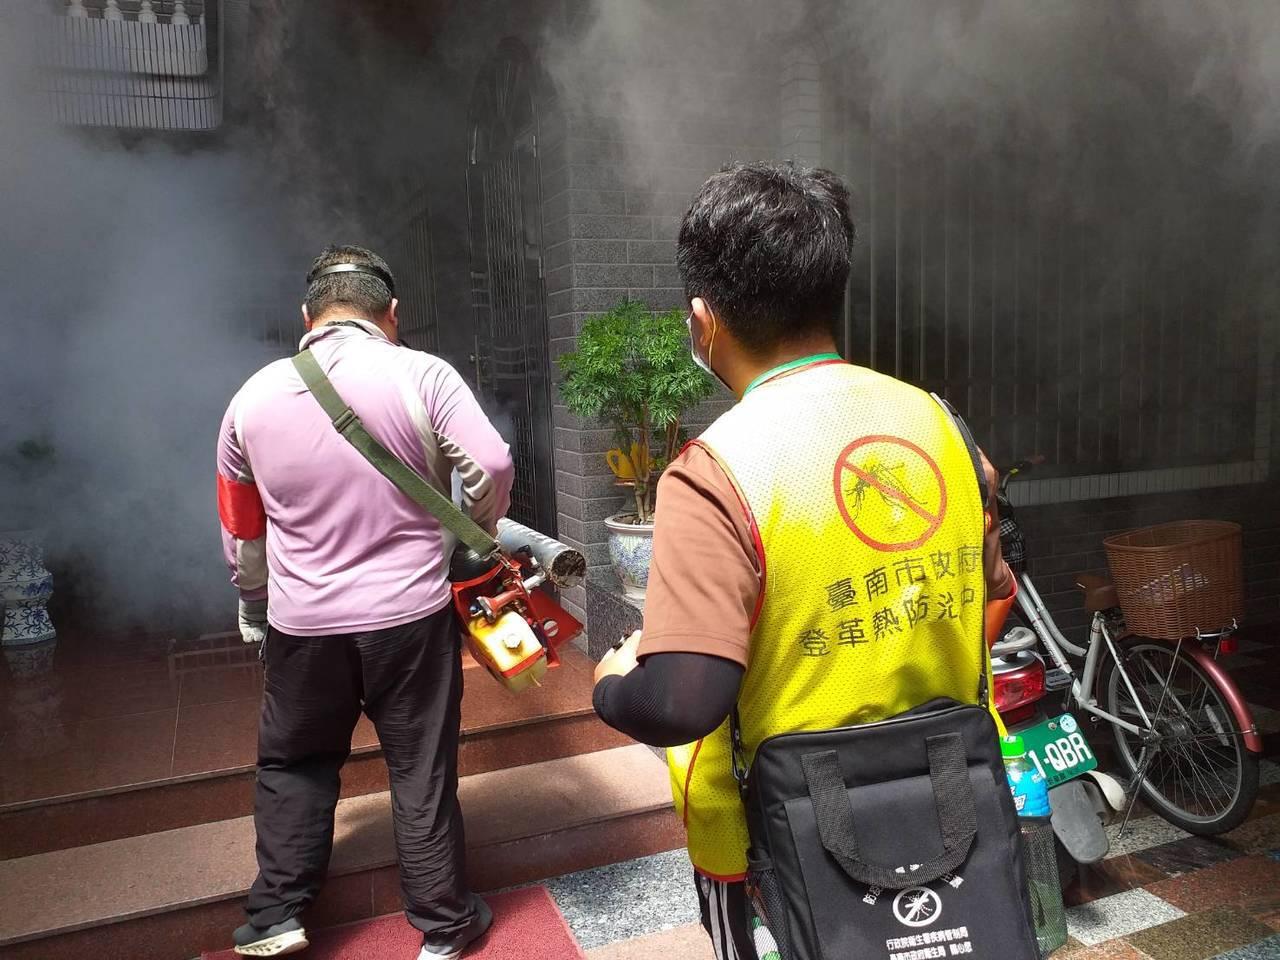 台南登革熱防疫人員上午進行東區崇明里的化學防治。圖/衛生局提供